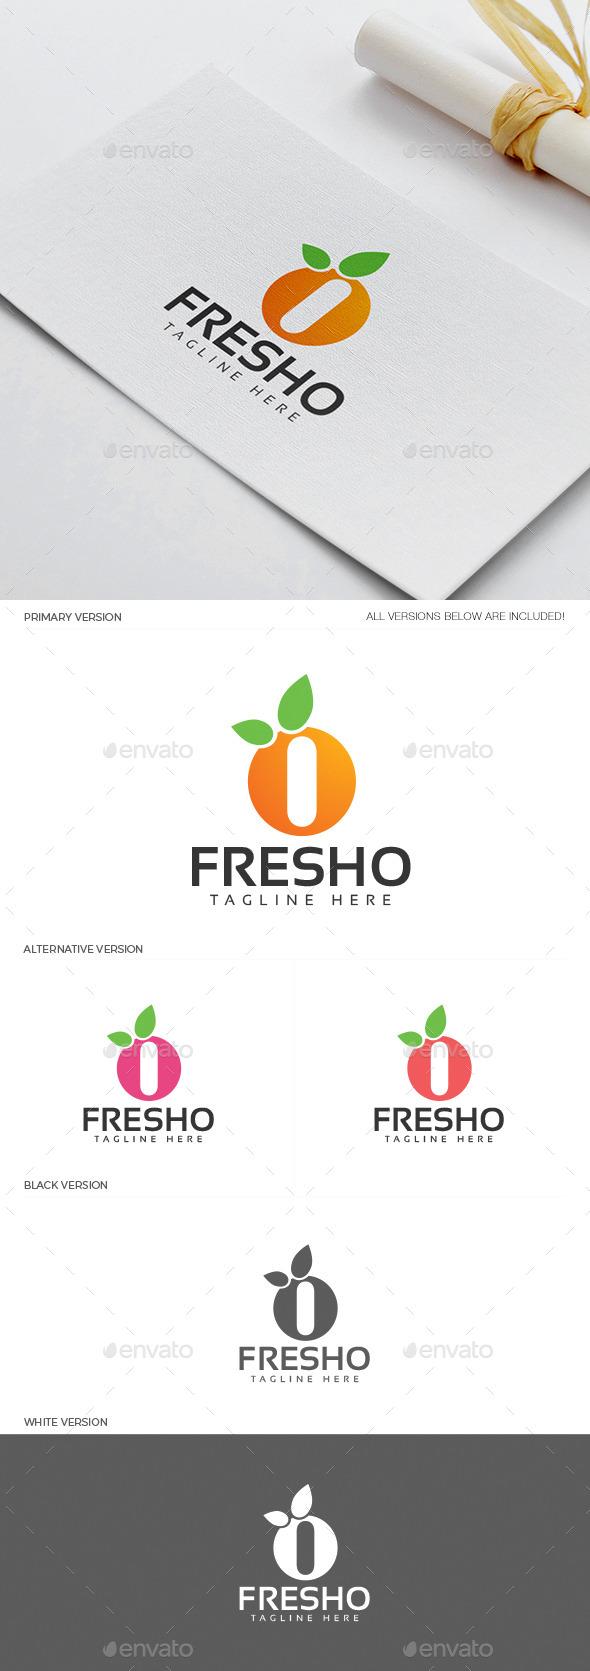 Fresho Logo